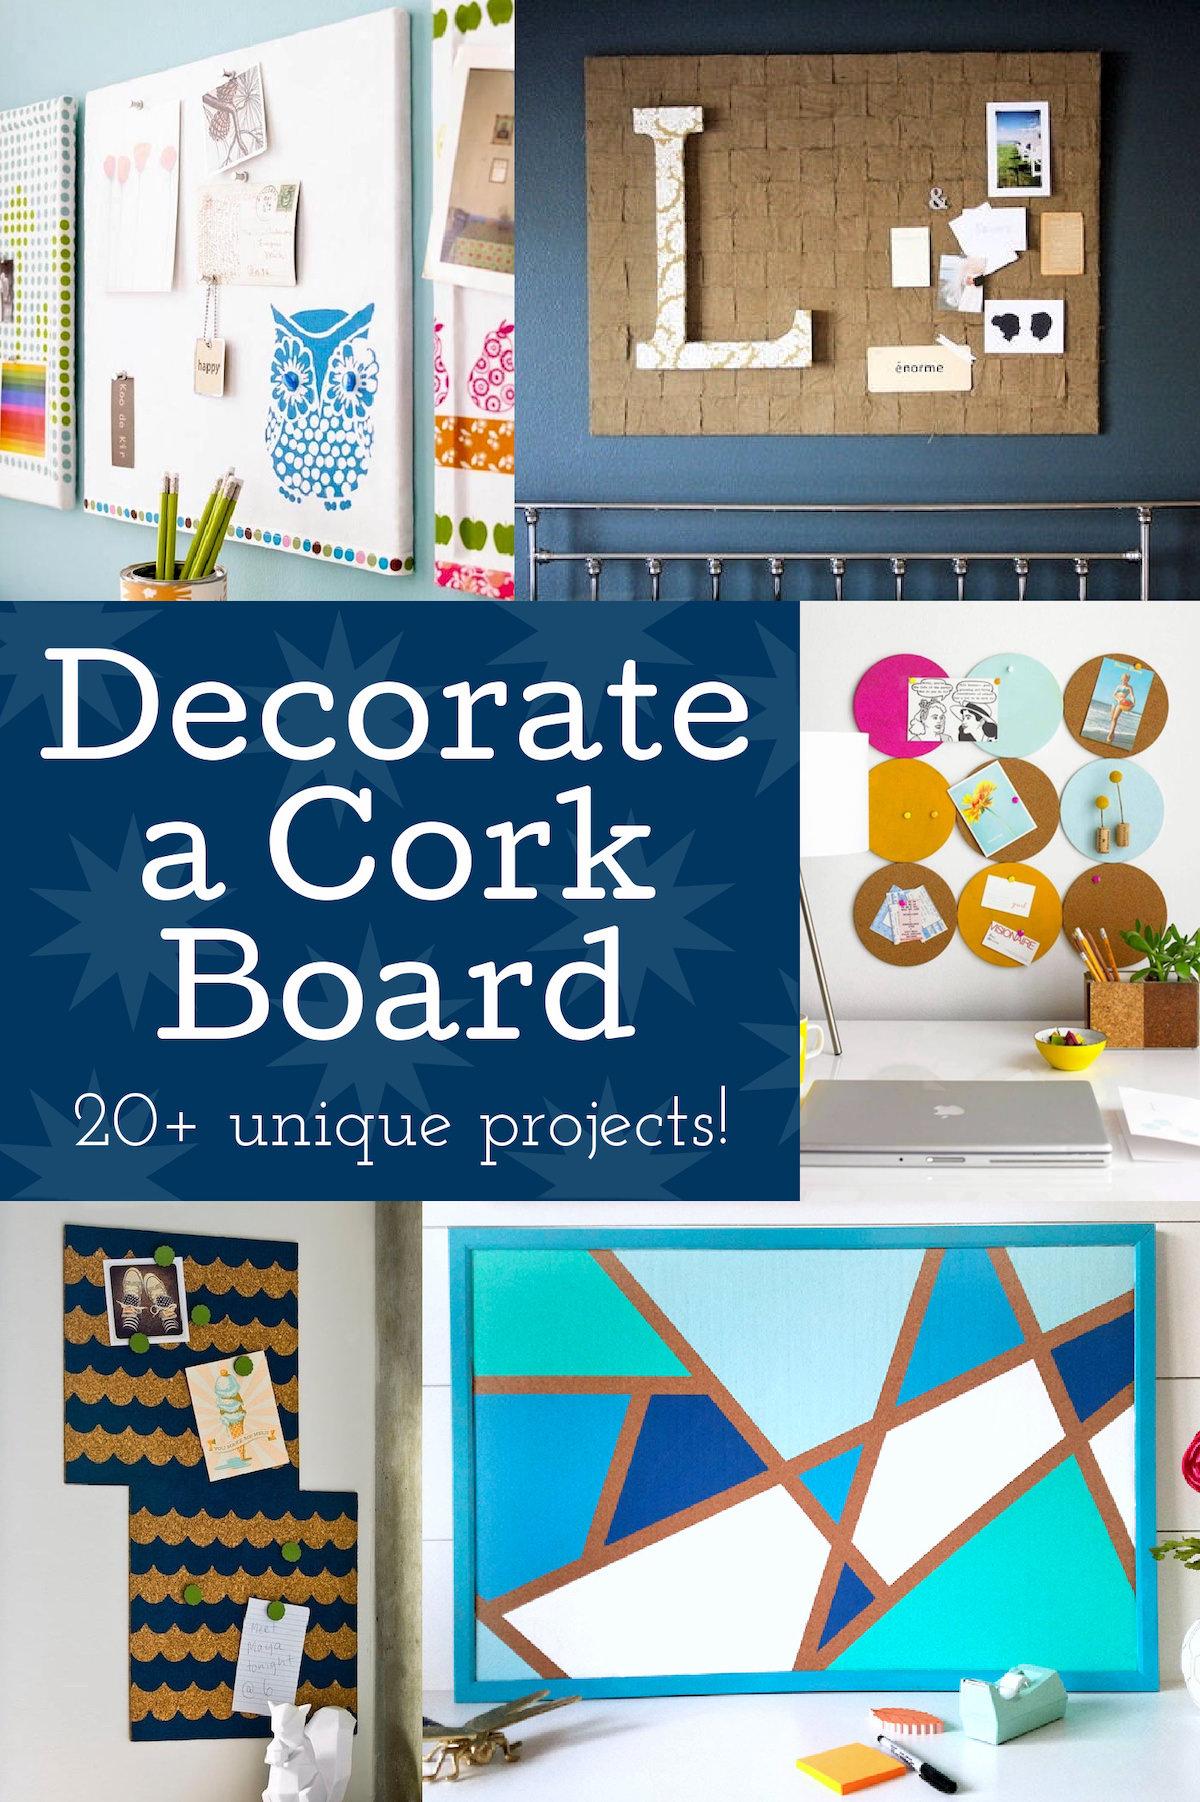 Decorate a Cork Board